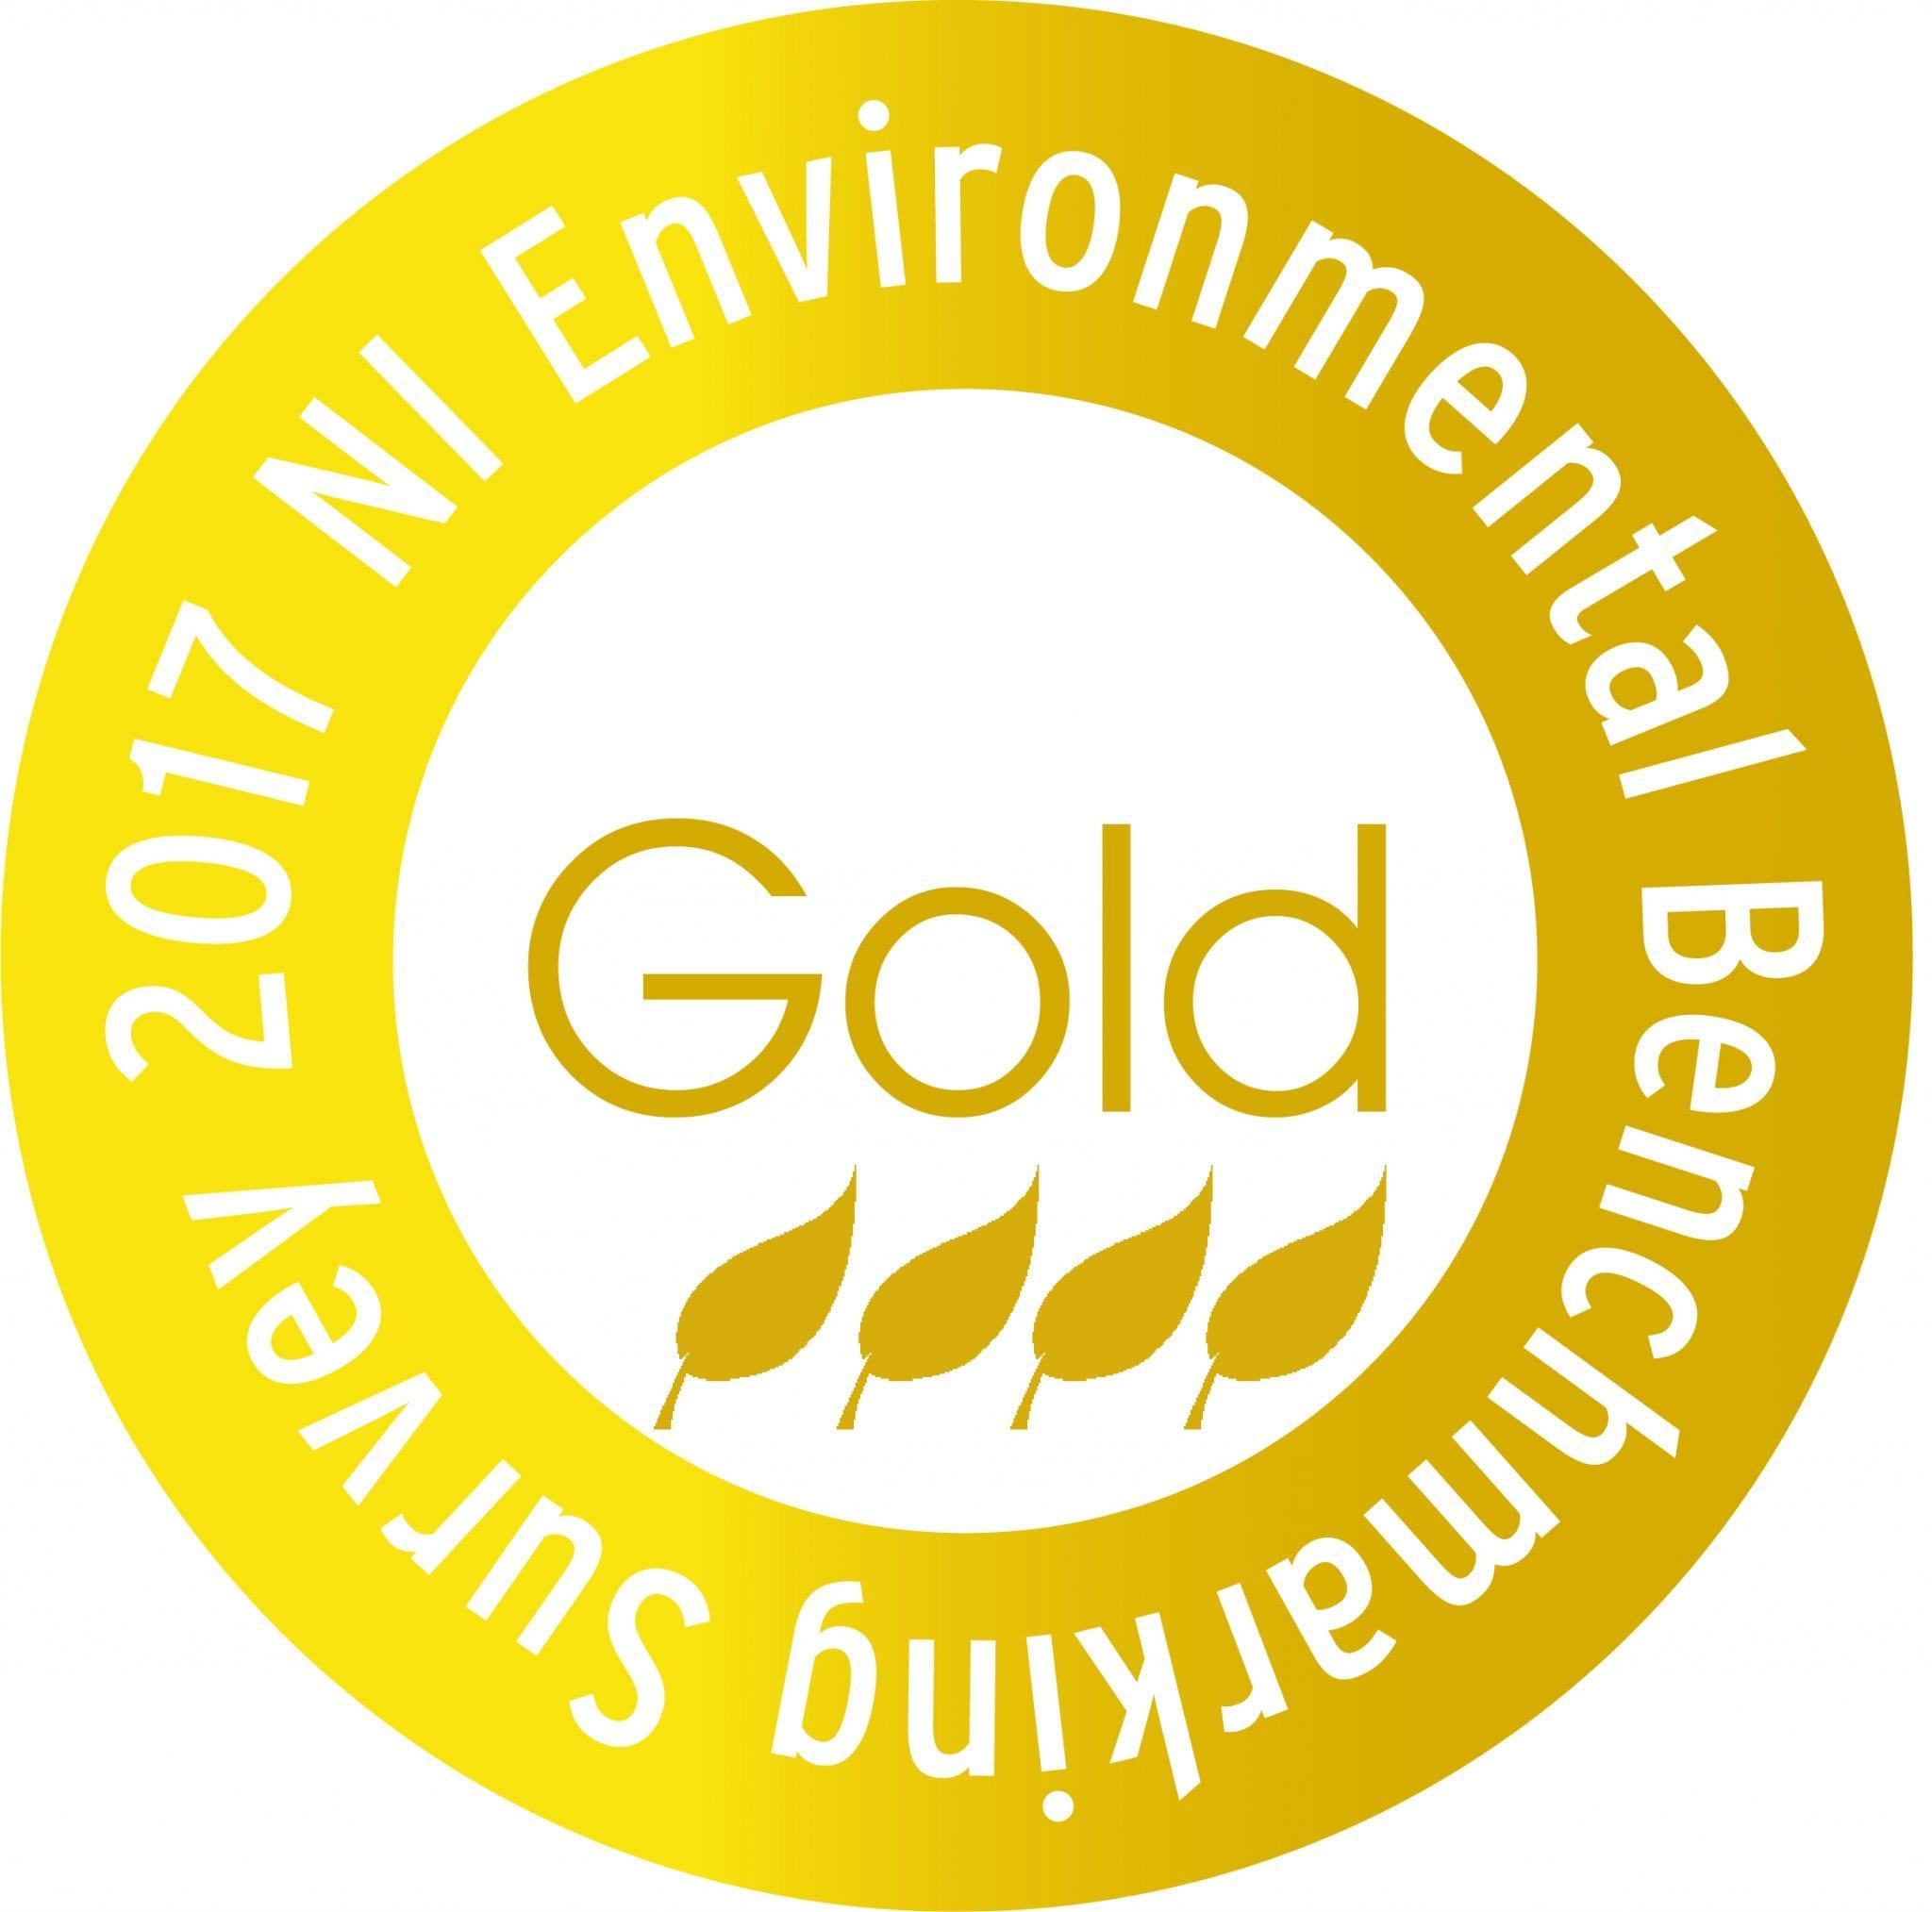 2017 NI Environmental Benchmarking Survey - Gold